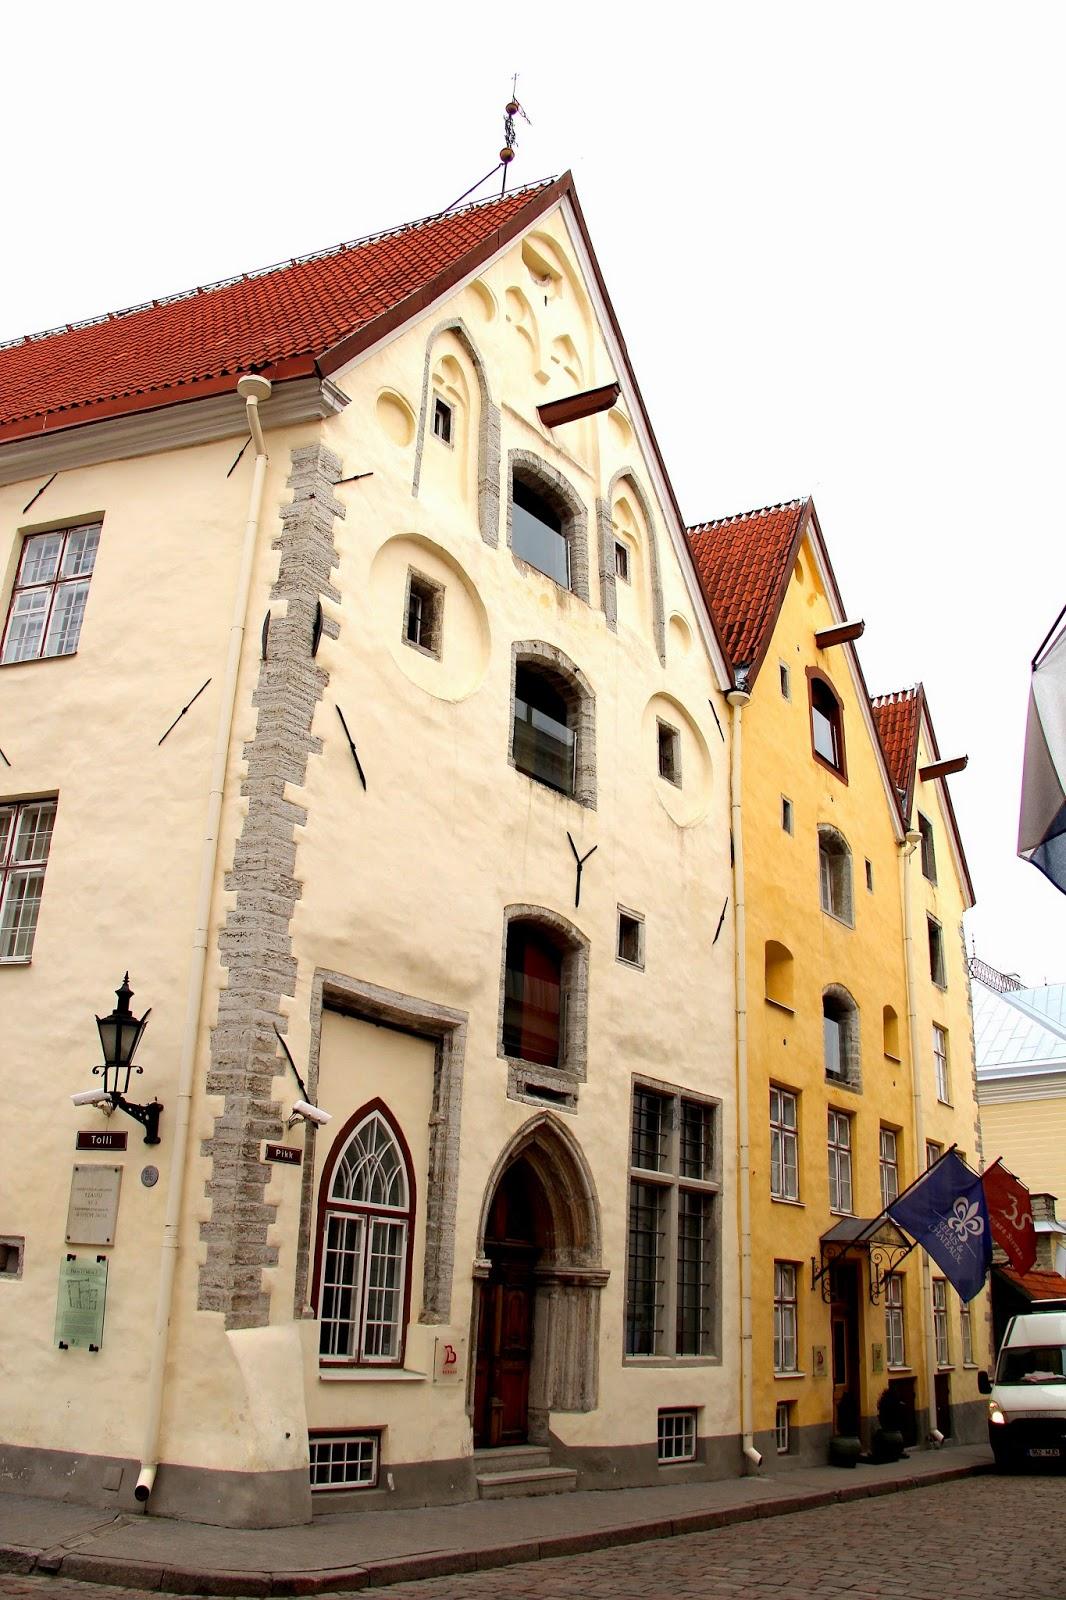 Three Sisters Hotel Tallinn